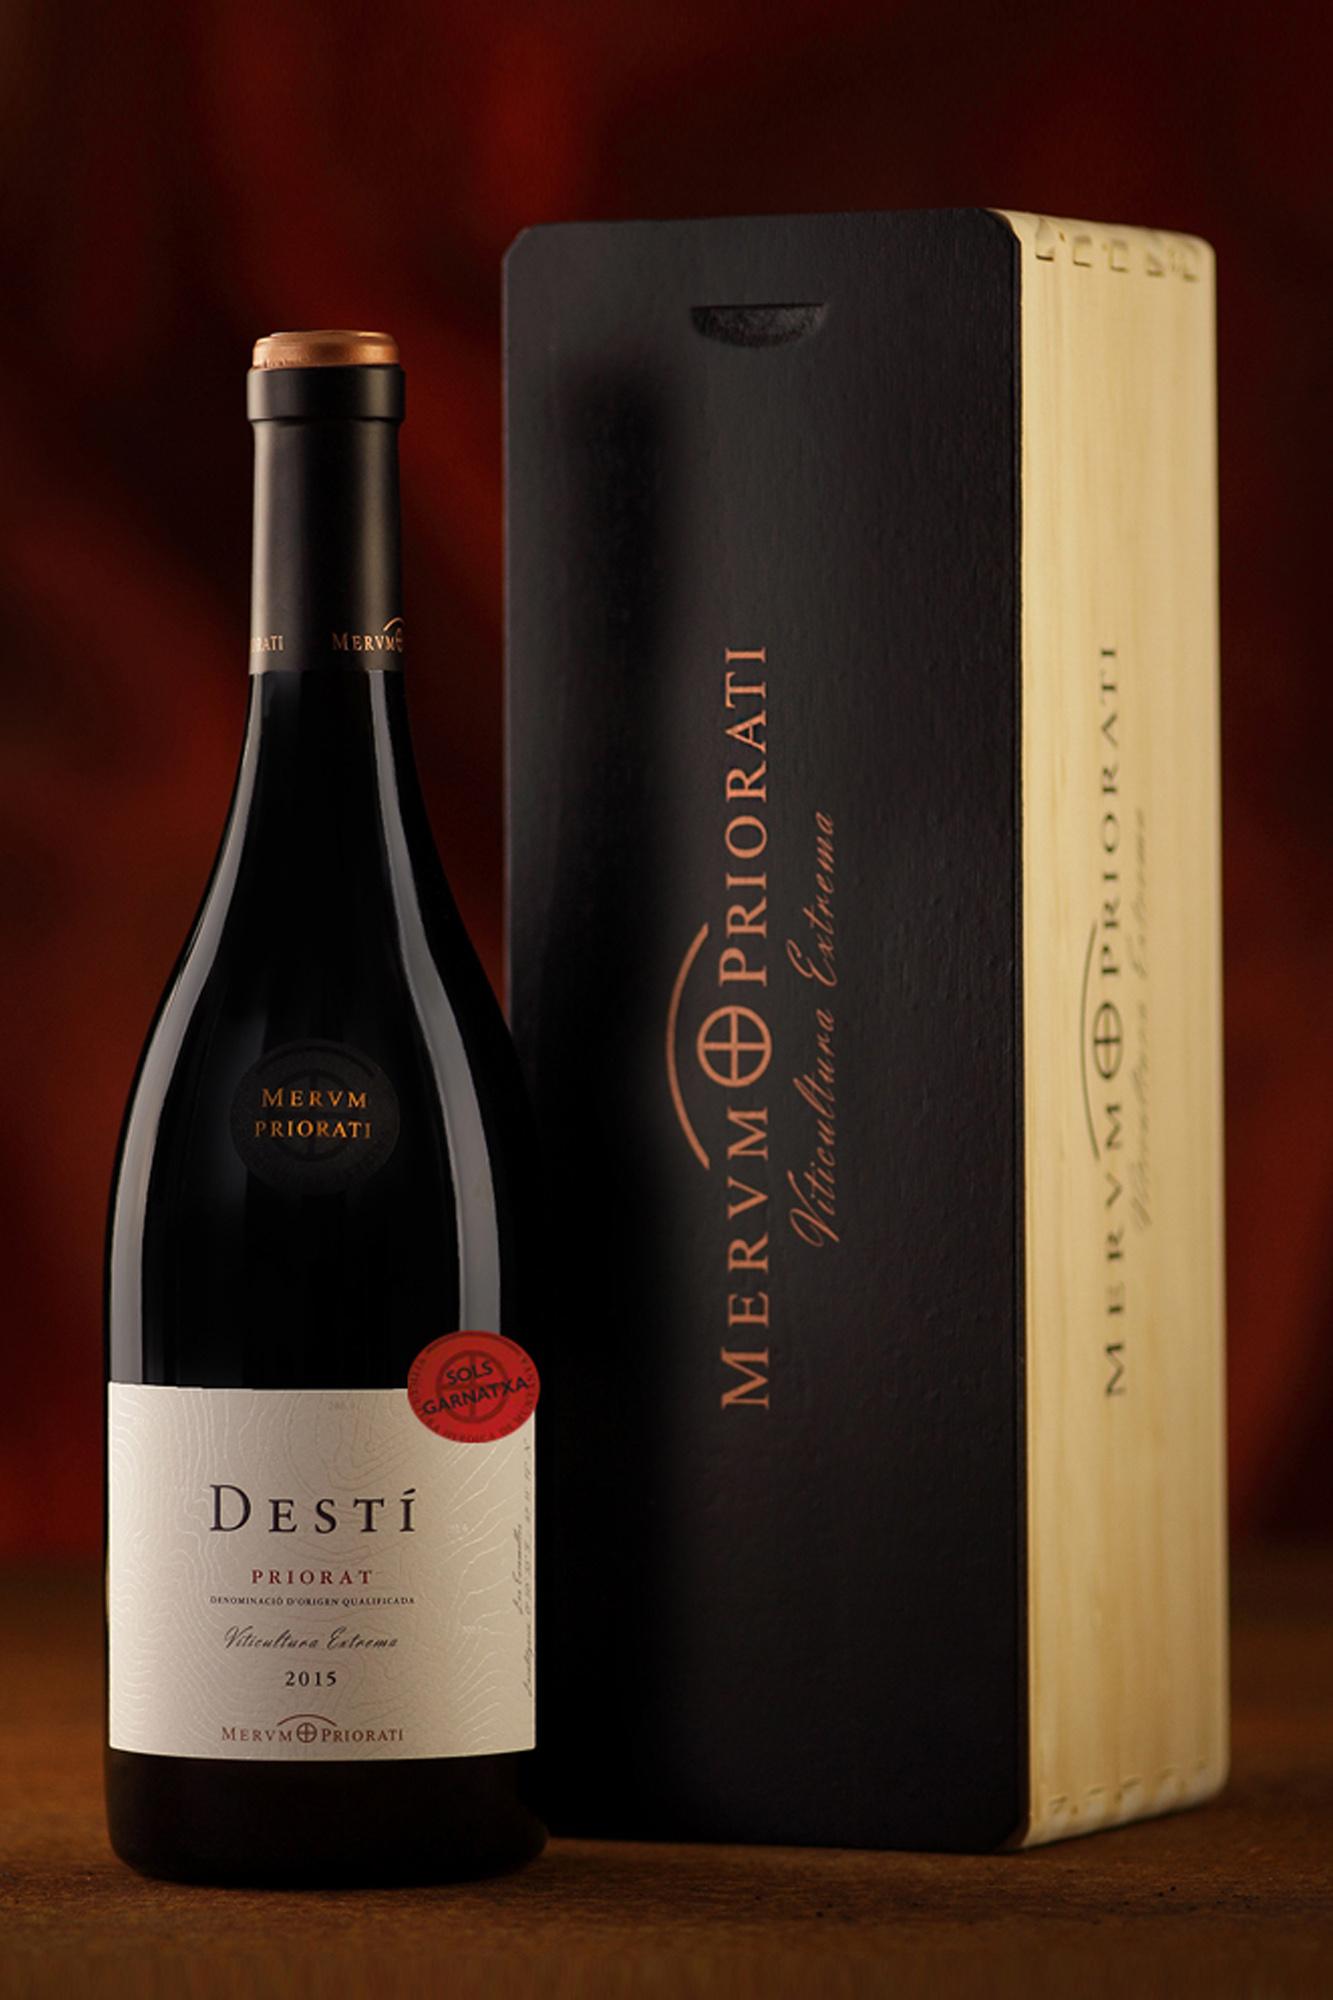 Our wineries – Pere Ventura Family Wine Estates